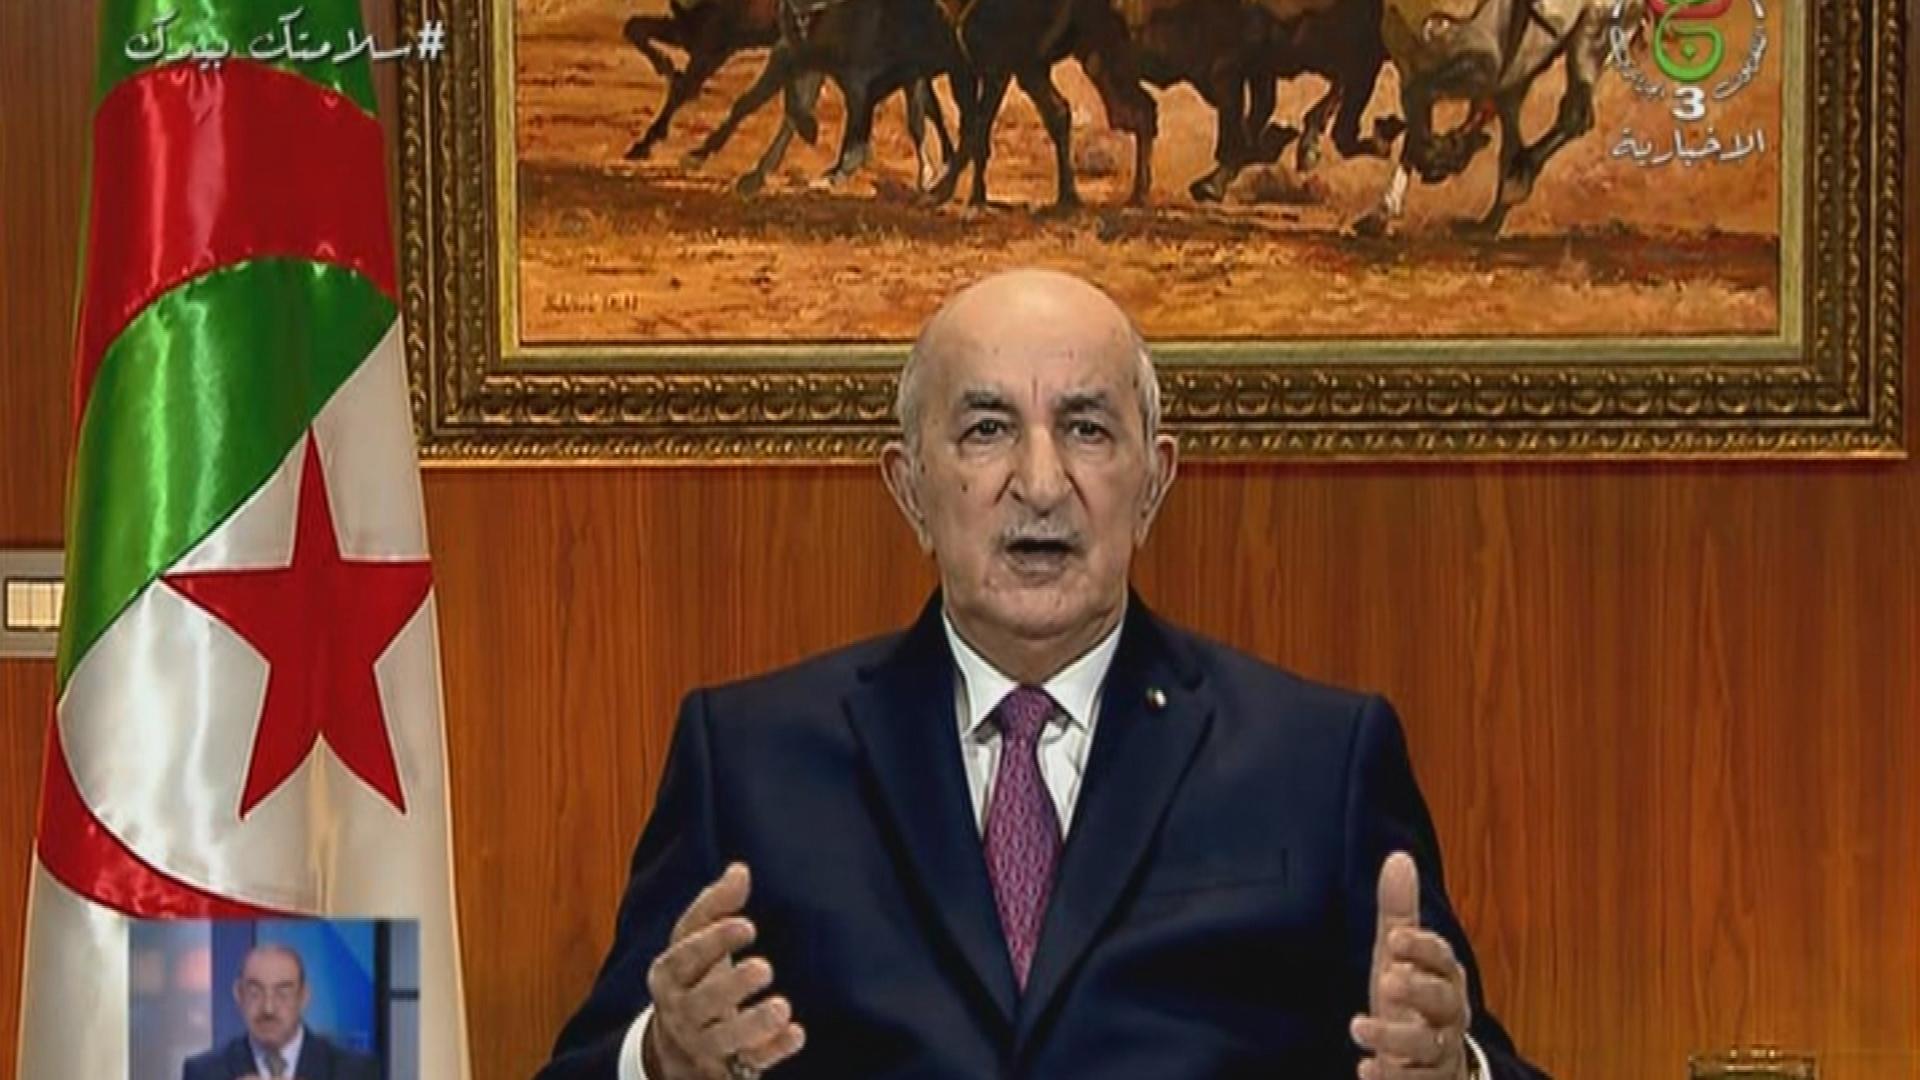 L'Algérie dissout son parlement, convoque des élections anticipées